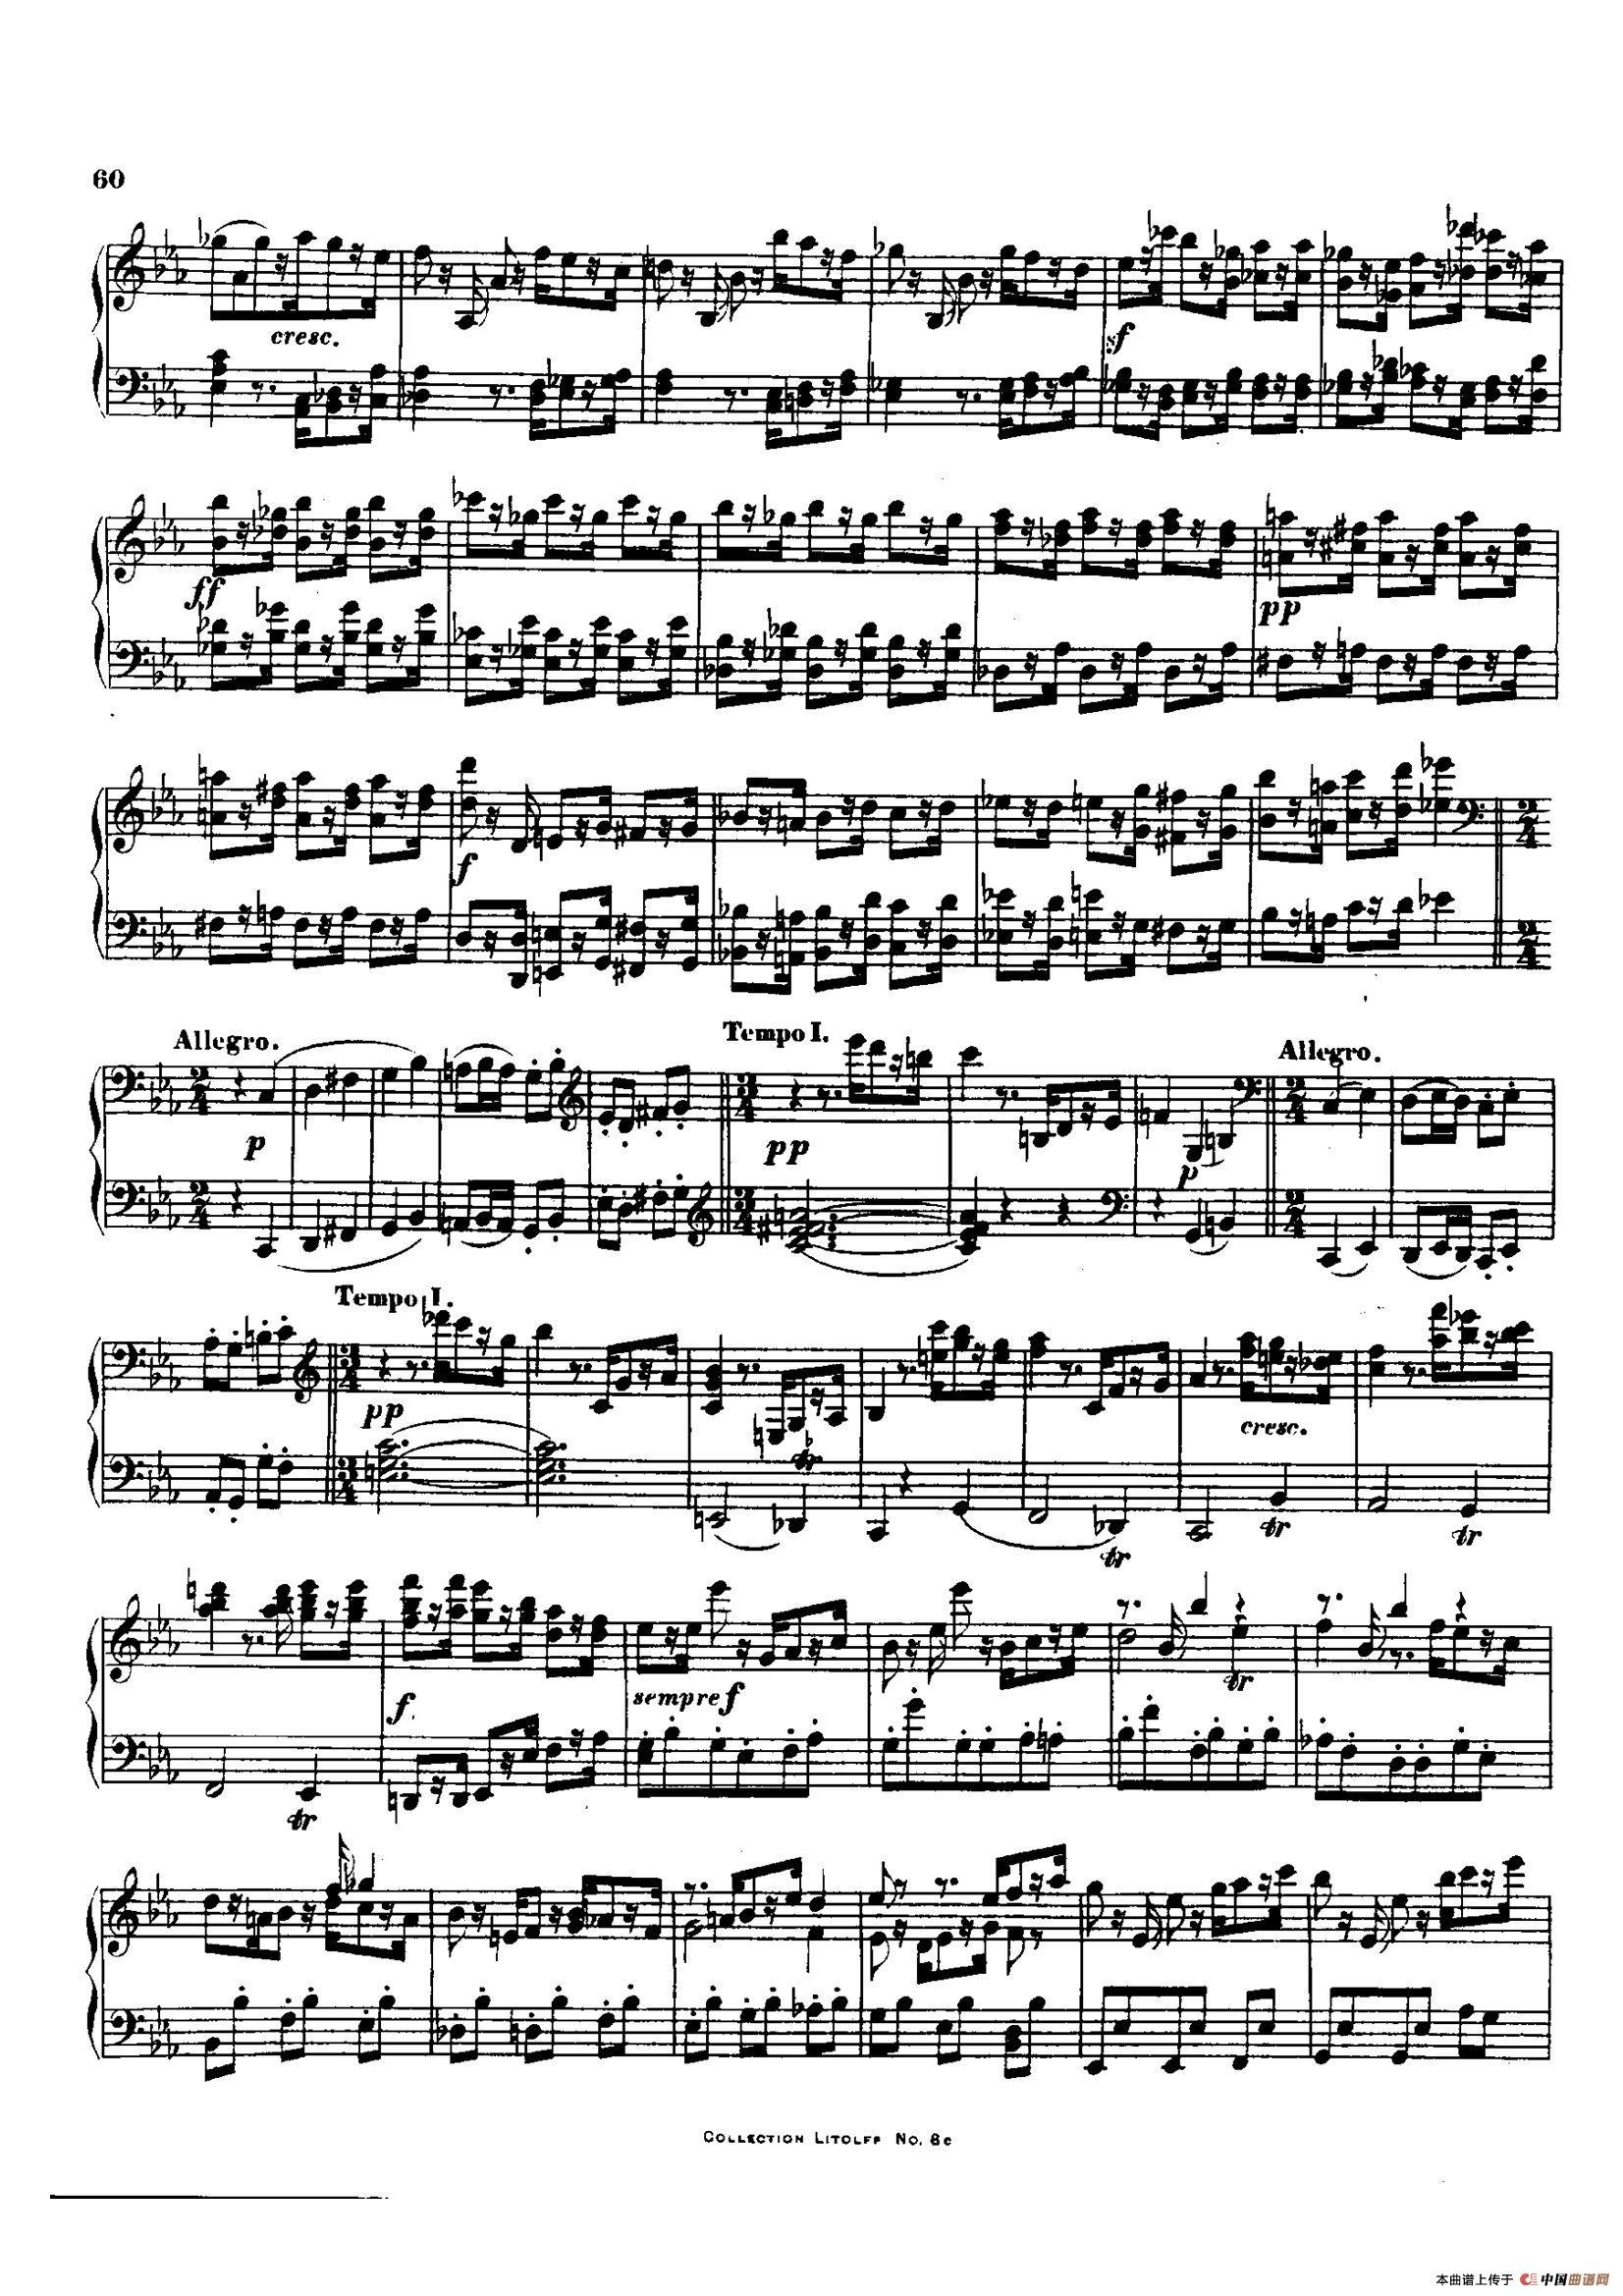 降E大调第十二弦乐四重奏(钢琴独奏版)(1)_原文件名:015.jpg